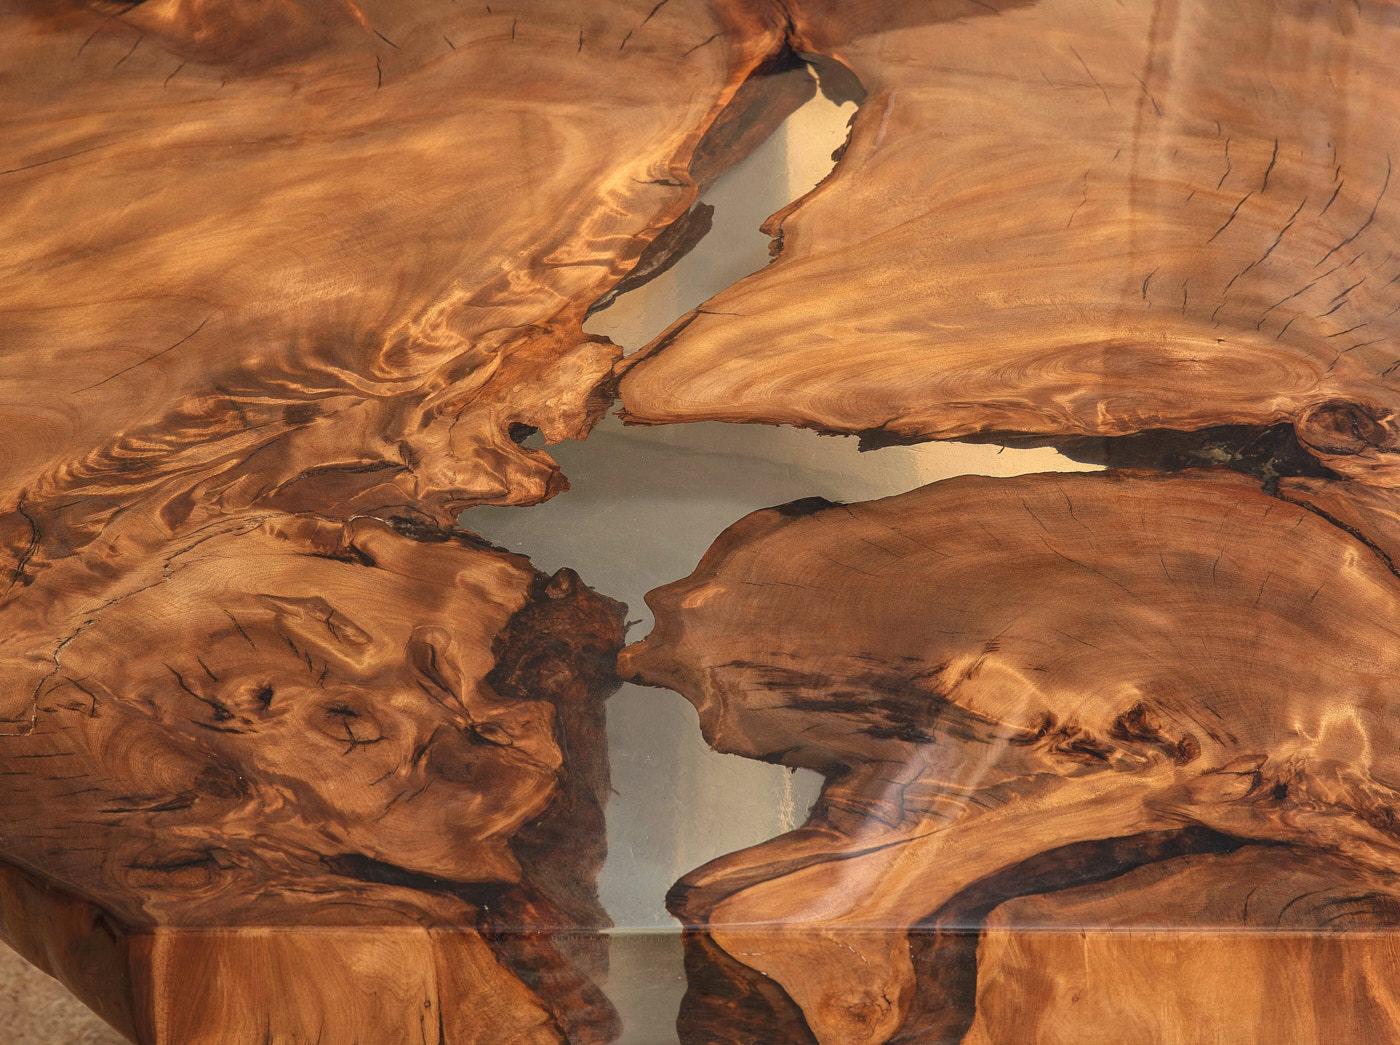 Tischplatte mit wunderschönem Naturwuchs des Designer Esstisches, urwüchsiger Holztisch als einzigartiges Naturkunstwerk und Luxus Unikat mit faszinierender Maserung